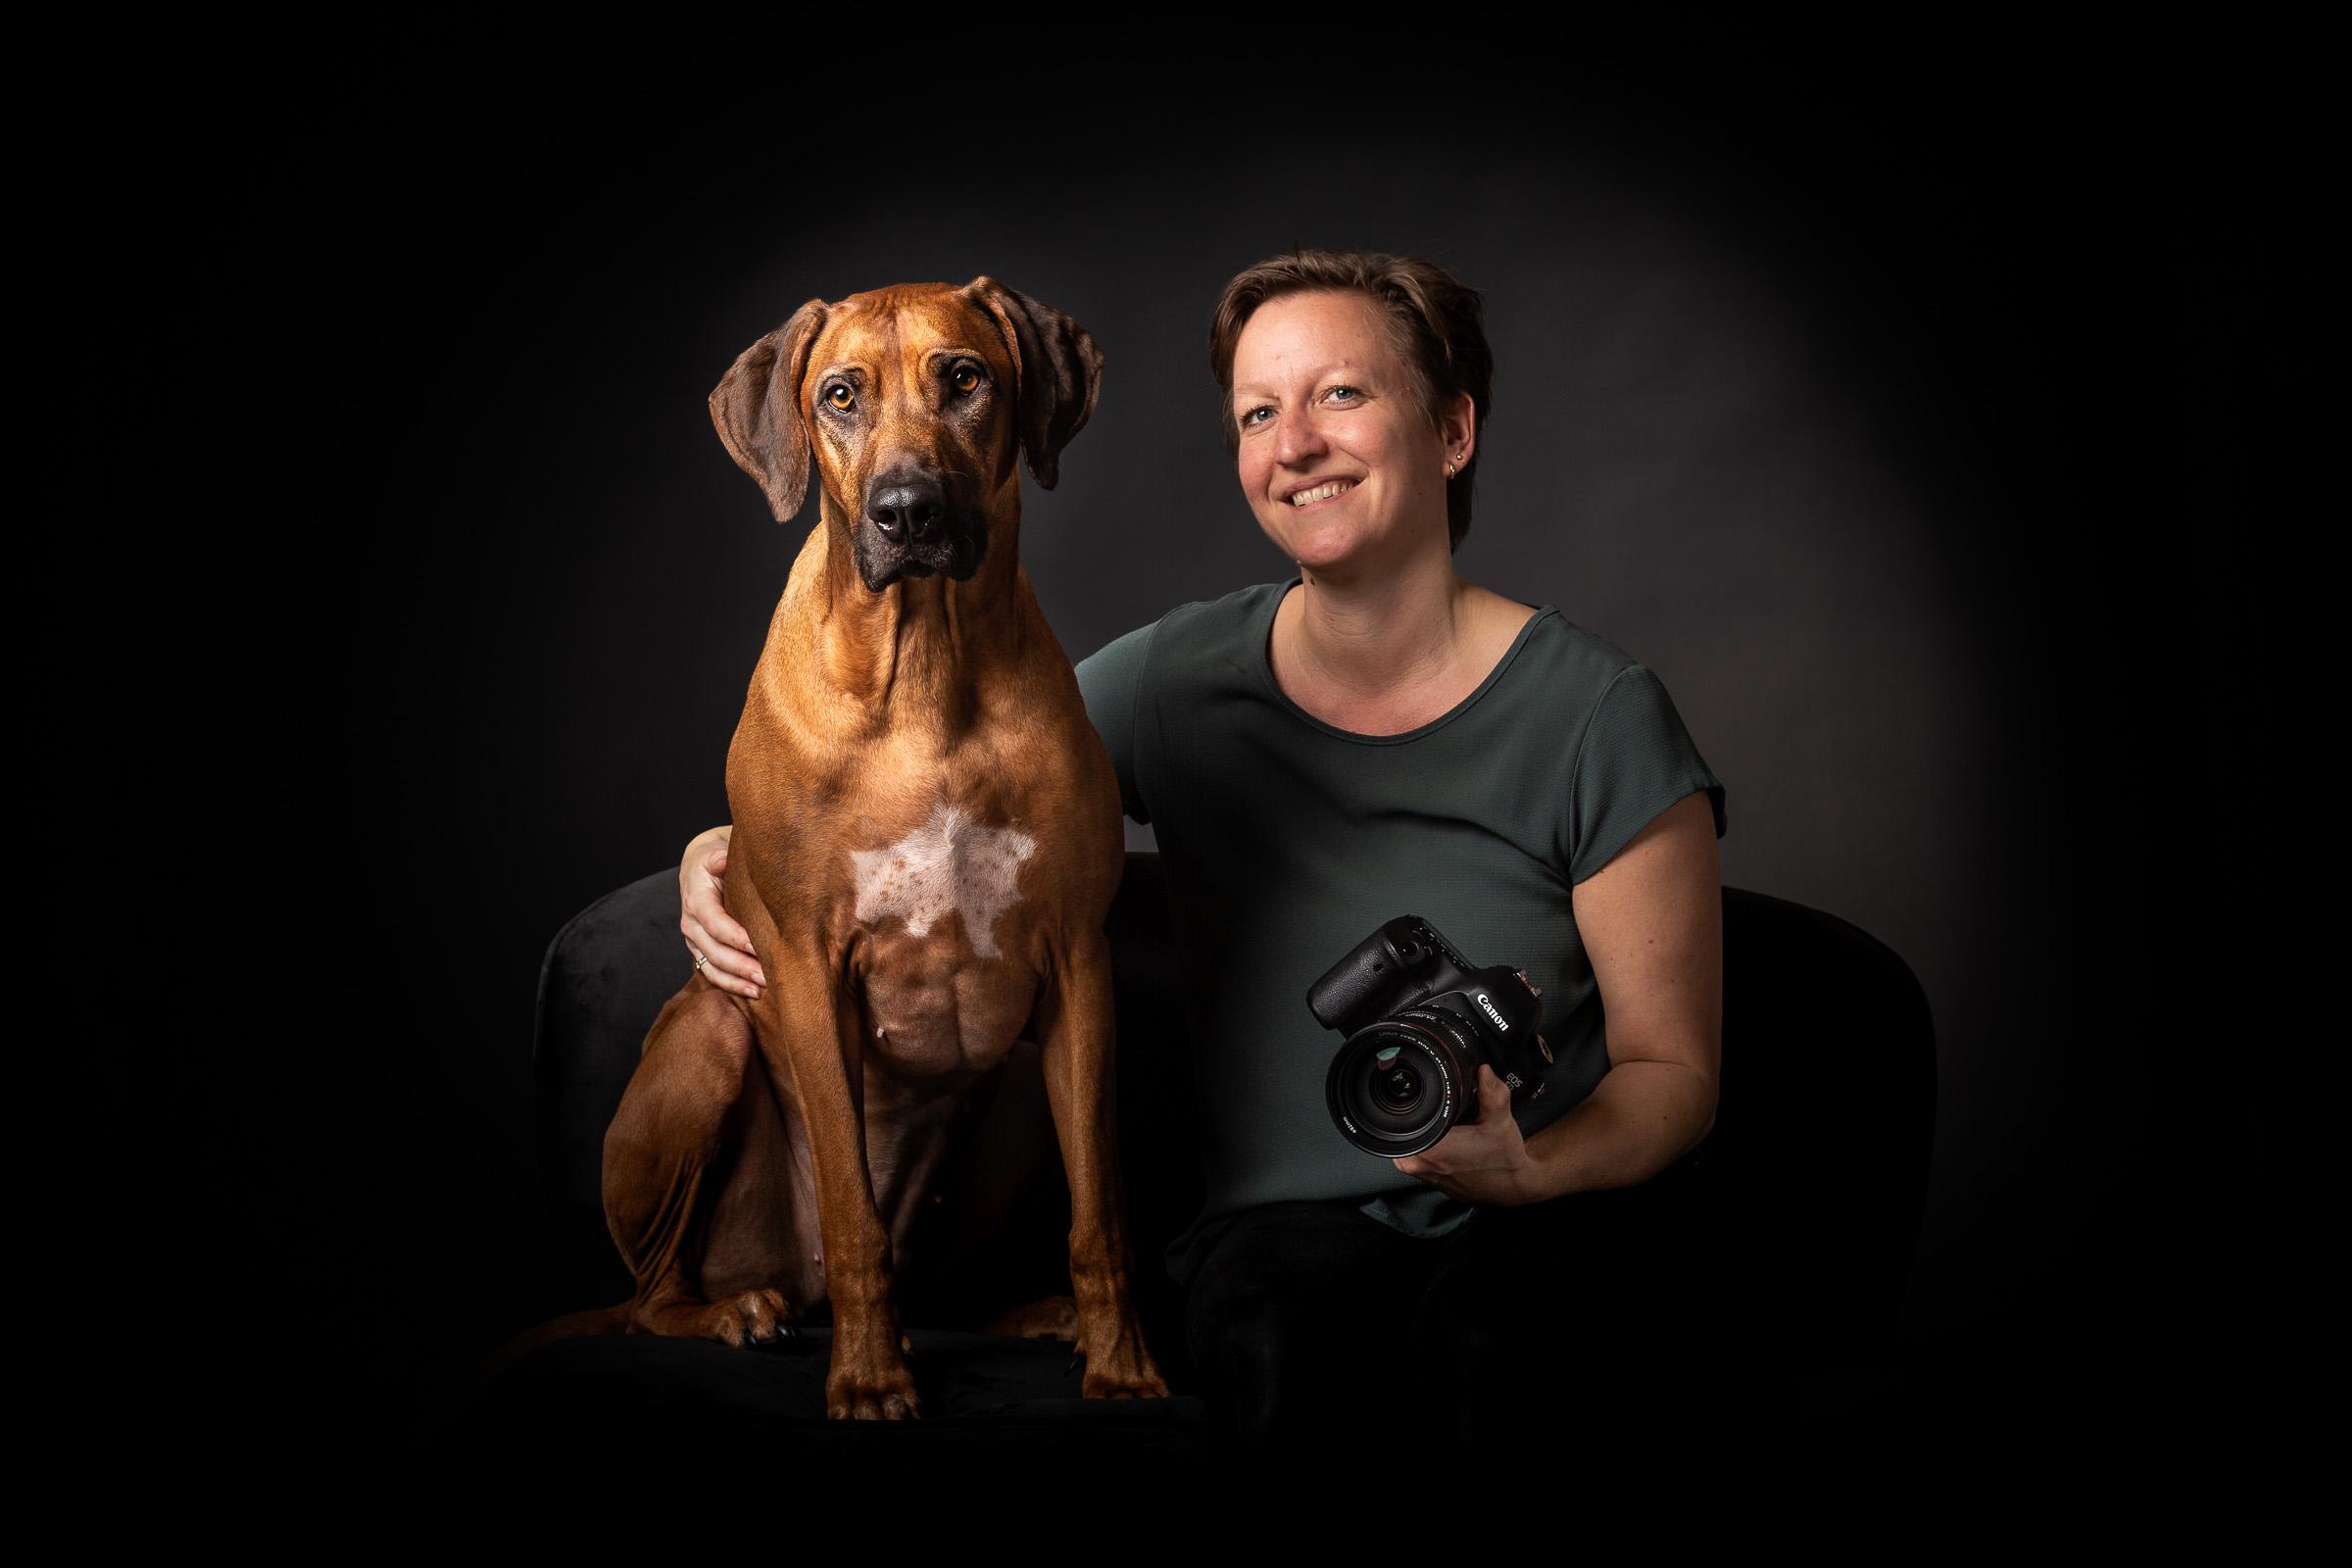 Hondenfotograaf Miranda van Assema met haar hond Zahra, een rhodesian ridgeback, in haar eigen studio